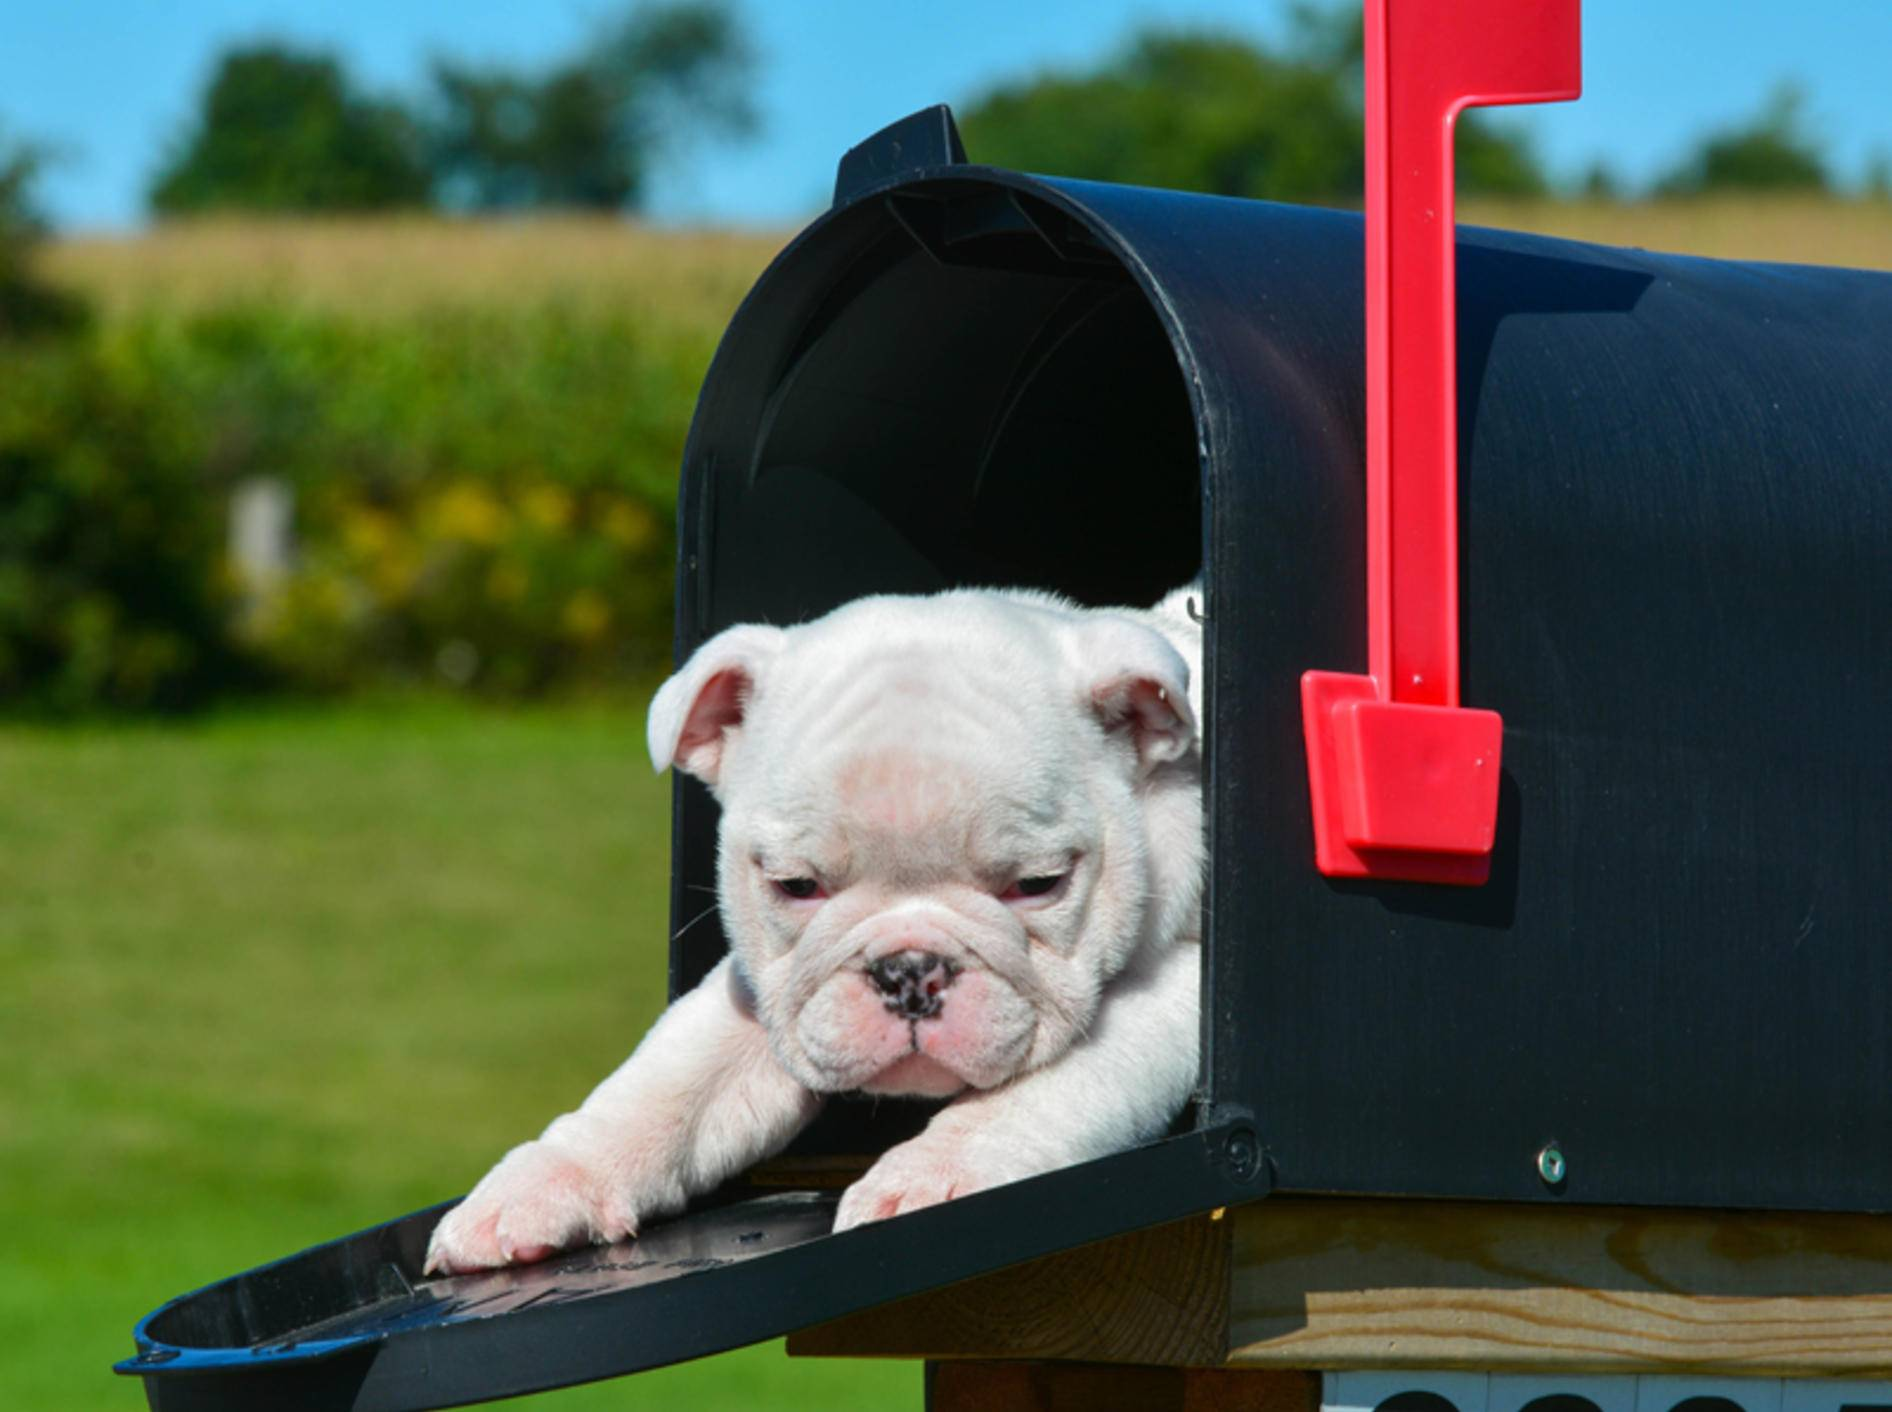 Dieser Bulldoggenwelpe muss das Wachehalten noch üben: Beim Warten auf den Postboten ist der kleine Hund im Briefkasten eingeschlafen – Shutterstock / WilleeCole Photography